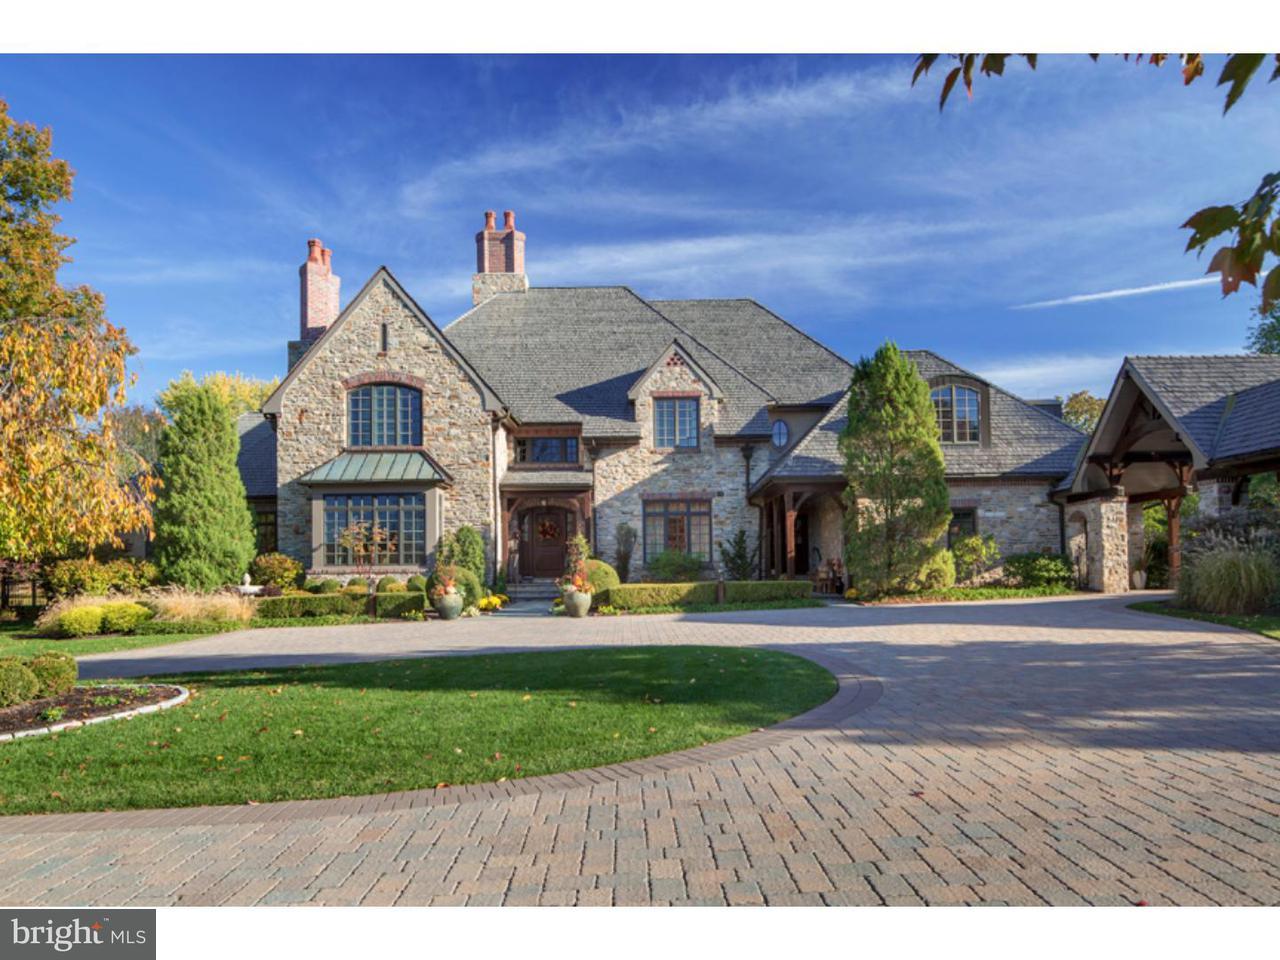 Частный односемейный дом для того Продажа на 916 BRUSHTOWN Road Lower Gwynedd, Пенсильвания 19002 Соединенные Штаты